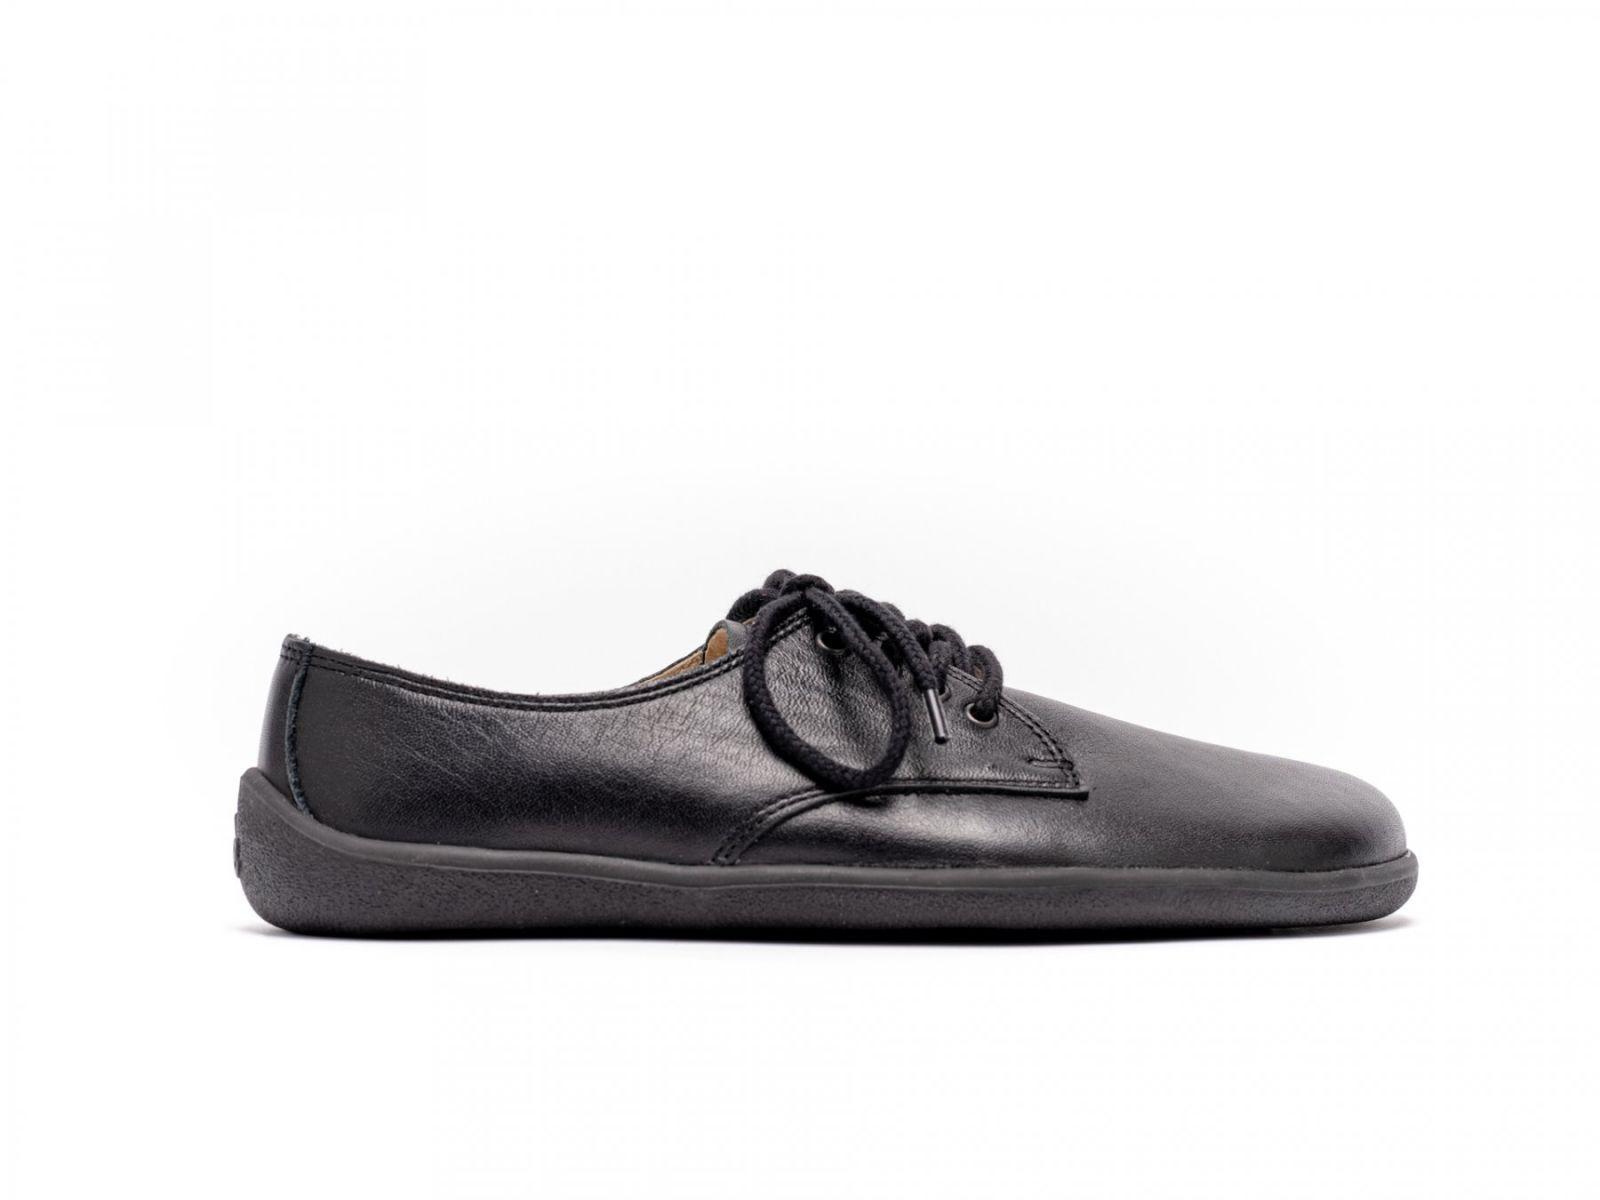 Barefoot Barefoot tenisky Be Lenka Prime - Black bosá